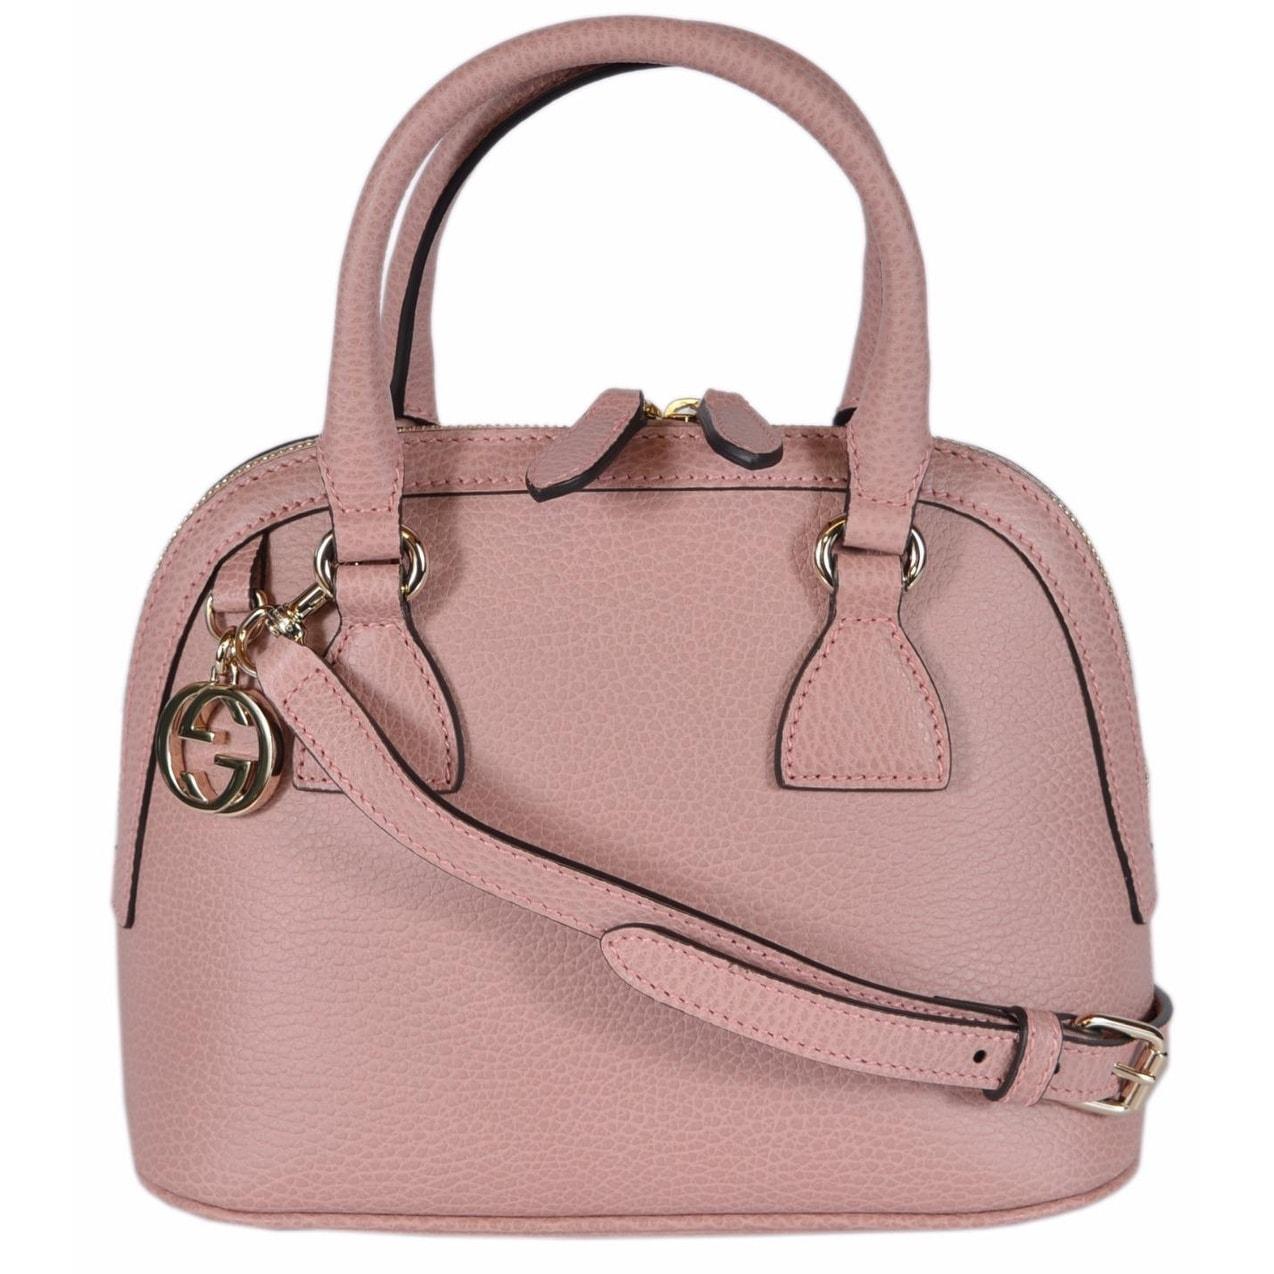 2e9880c7ea64 Banuce Italian Leather Small Dual Use Convertible Backpack Shoulder ...